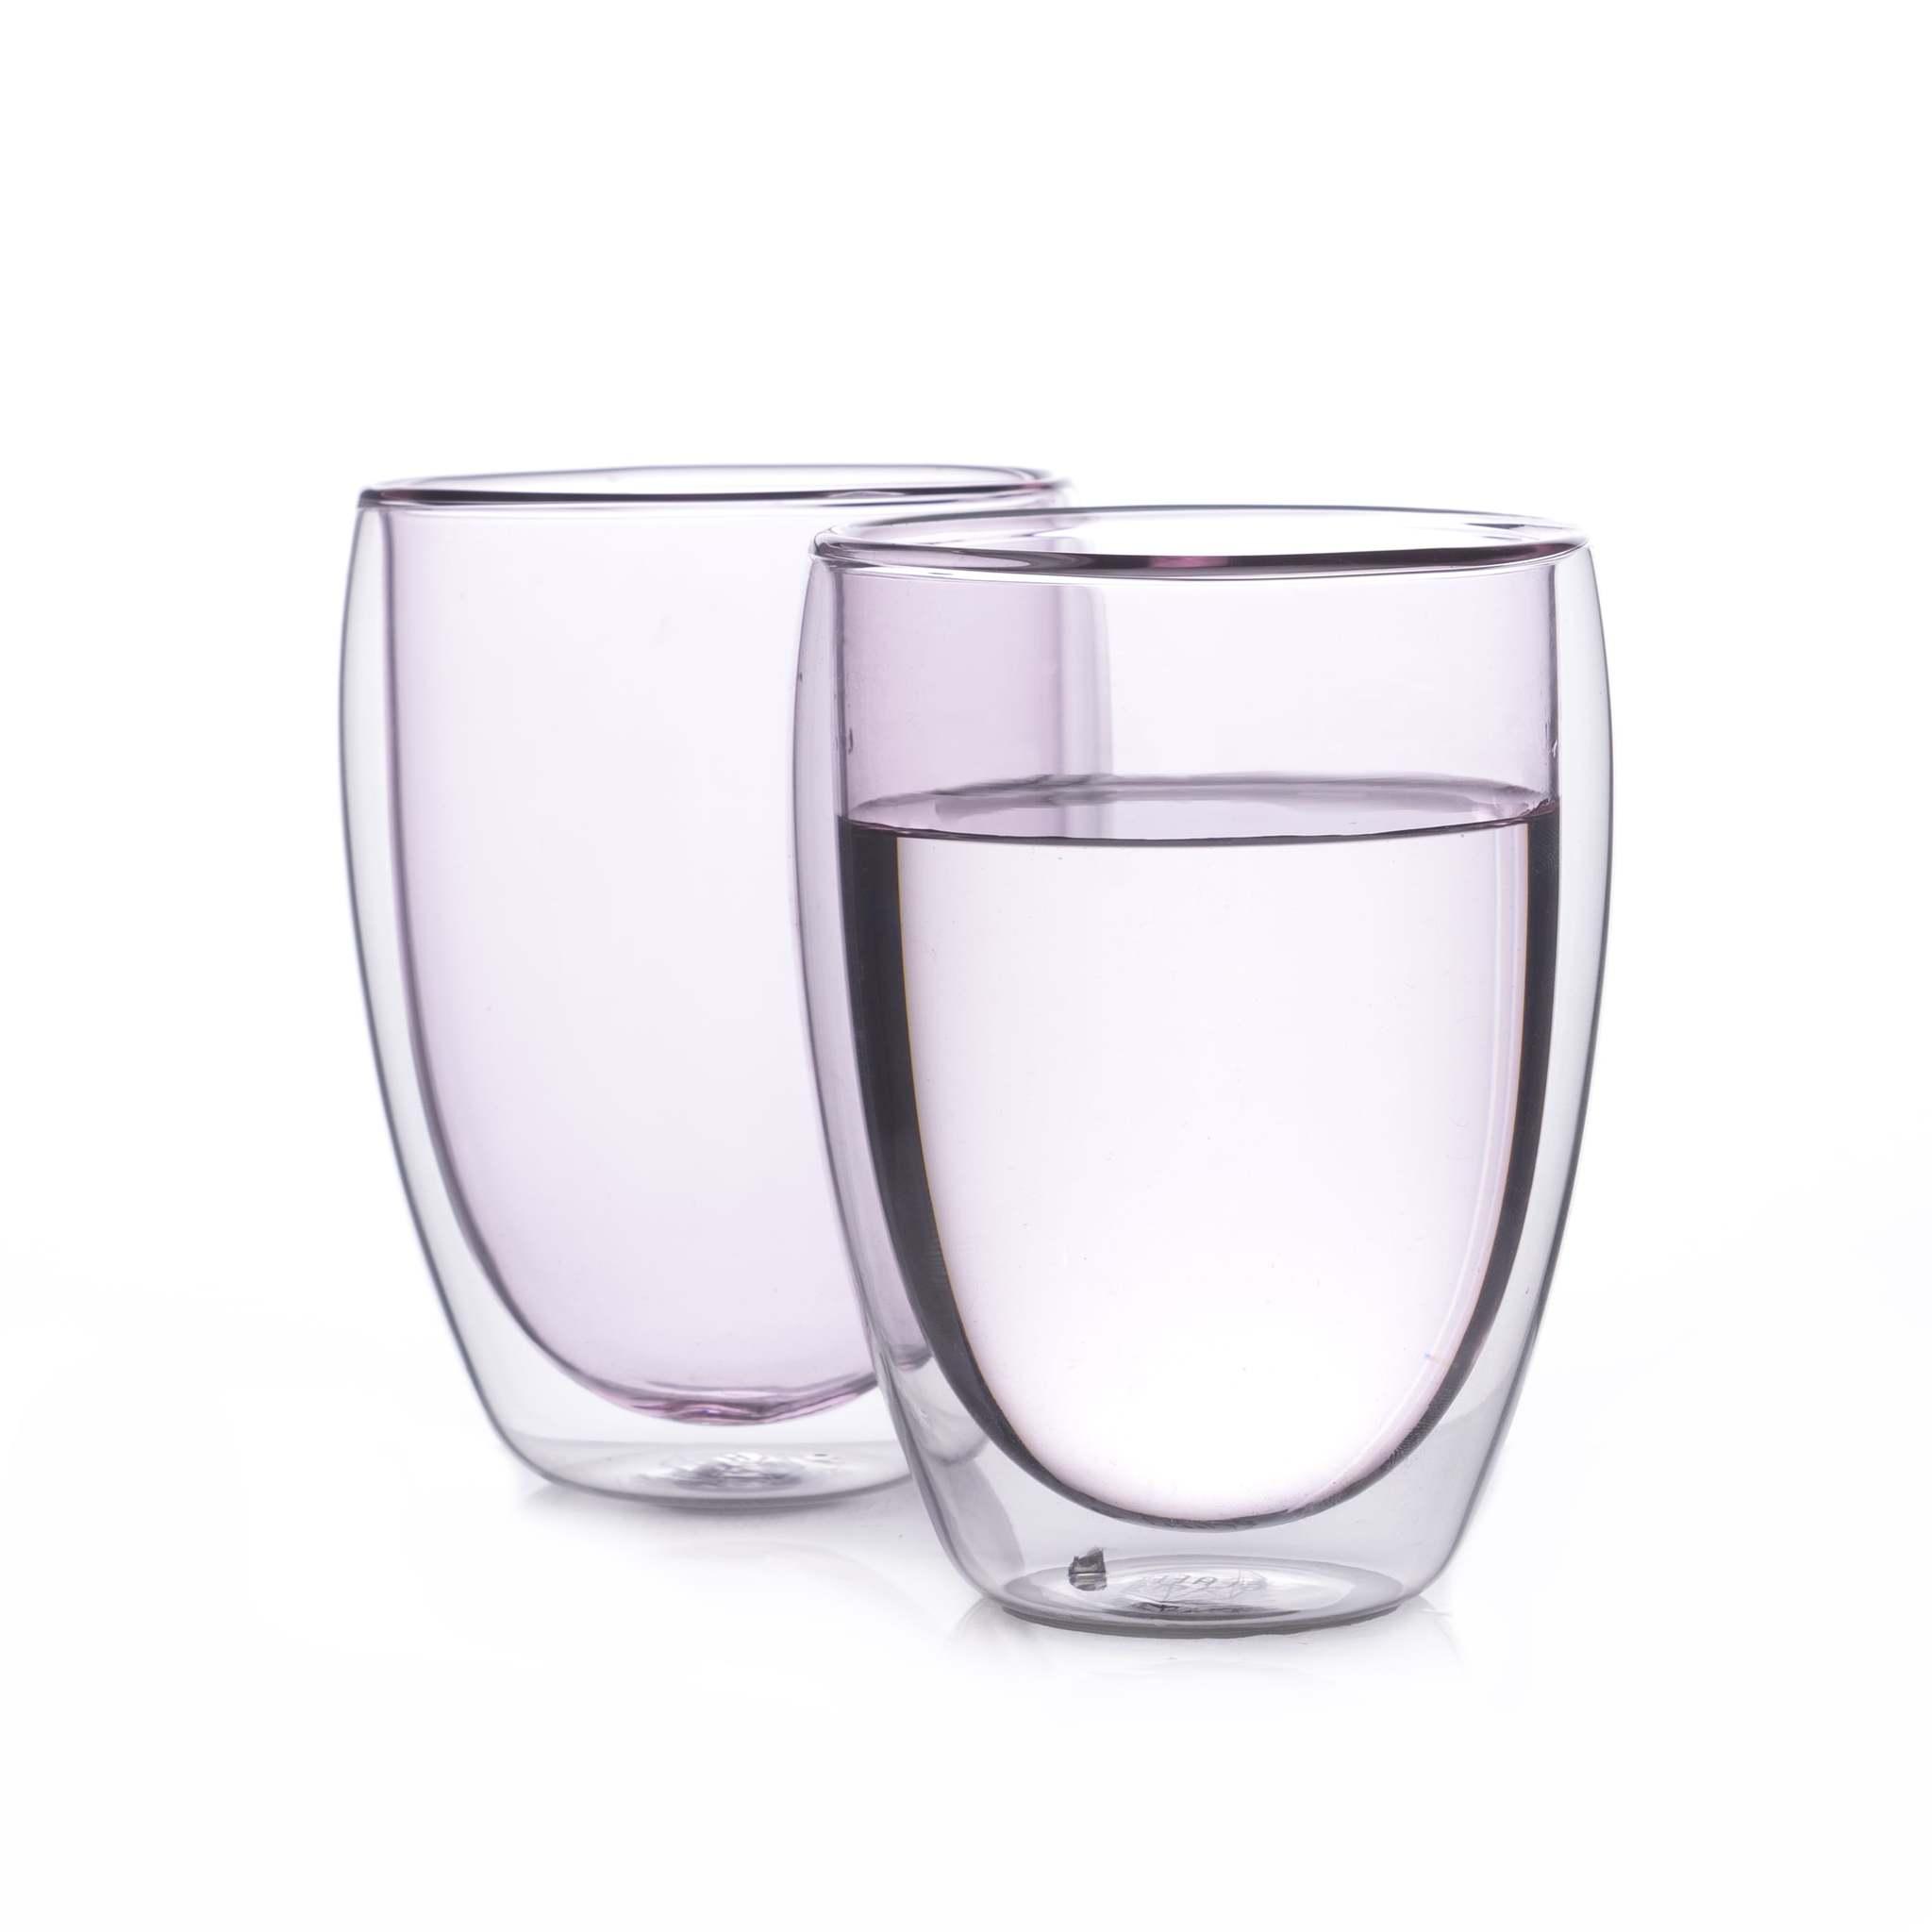 Наборы-Акции Набор стаканов из двойного стекла розового цвета 350 мл, 2 шт. розовый2-min.jpg